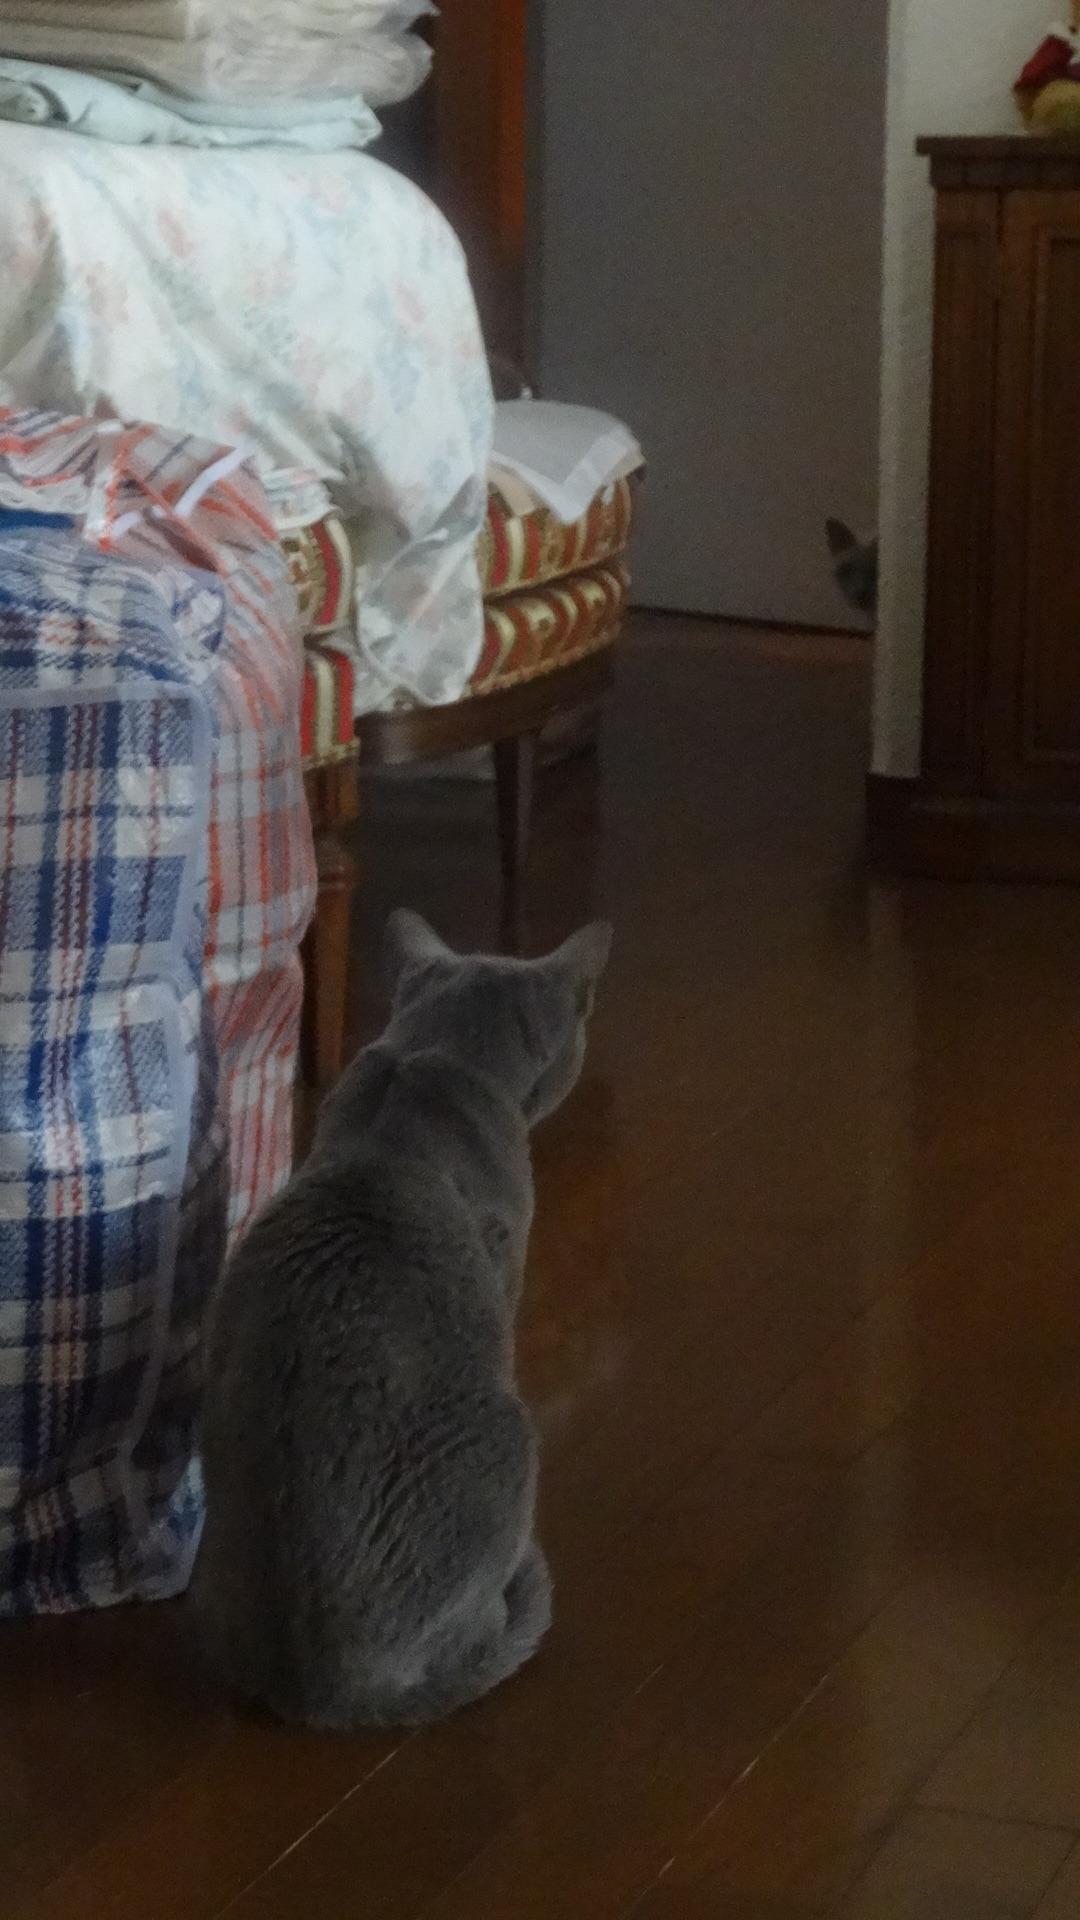 柱の後ろに身を潜めデイジーの姿を目視している楓